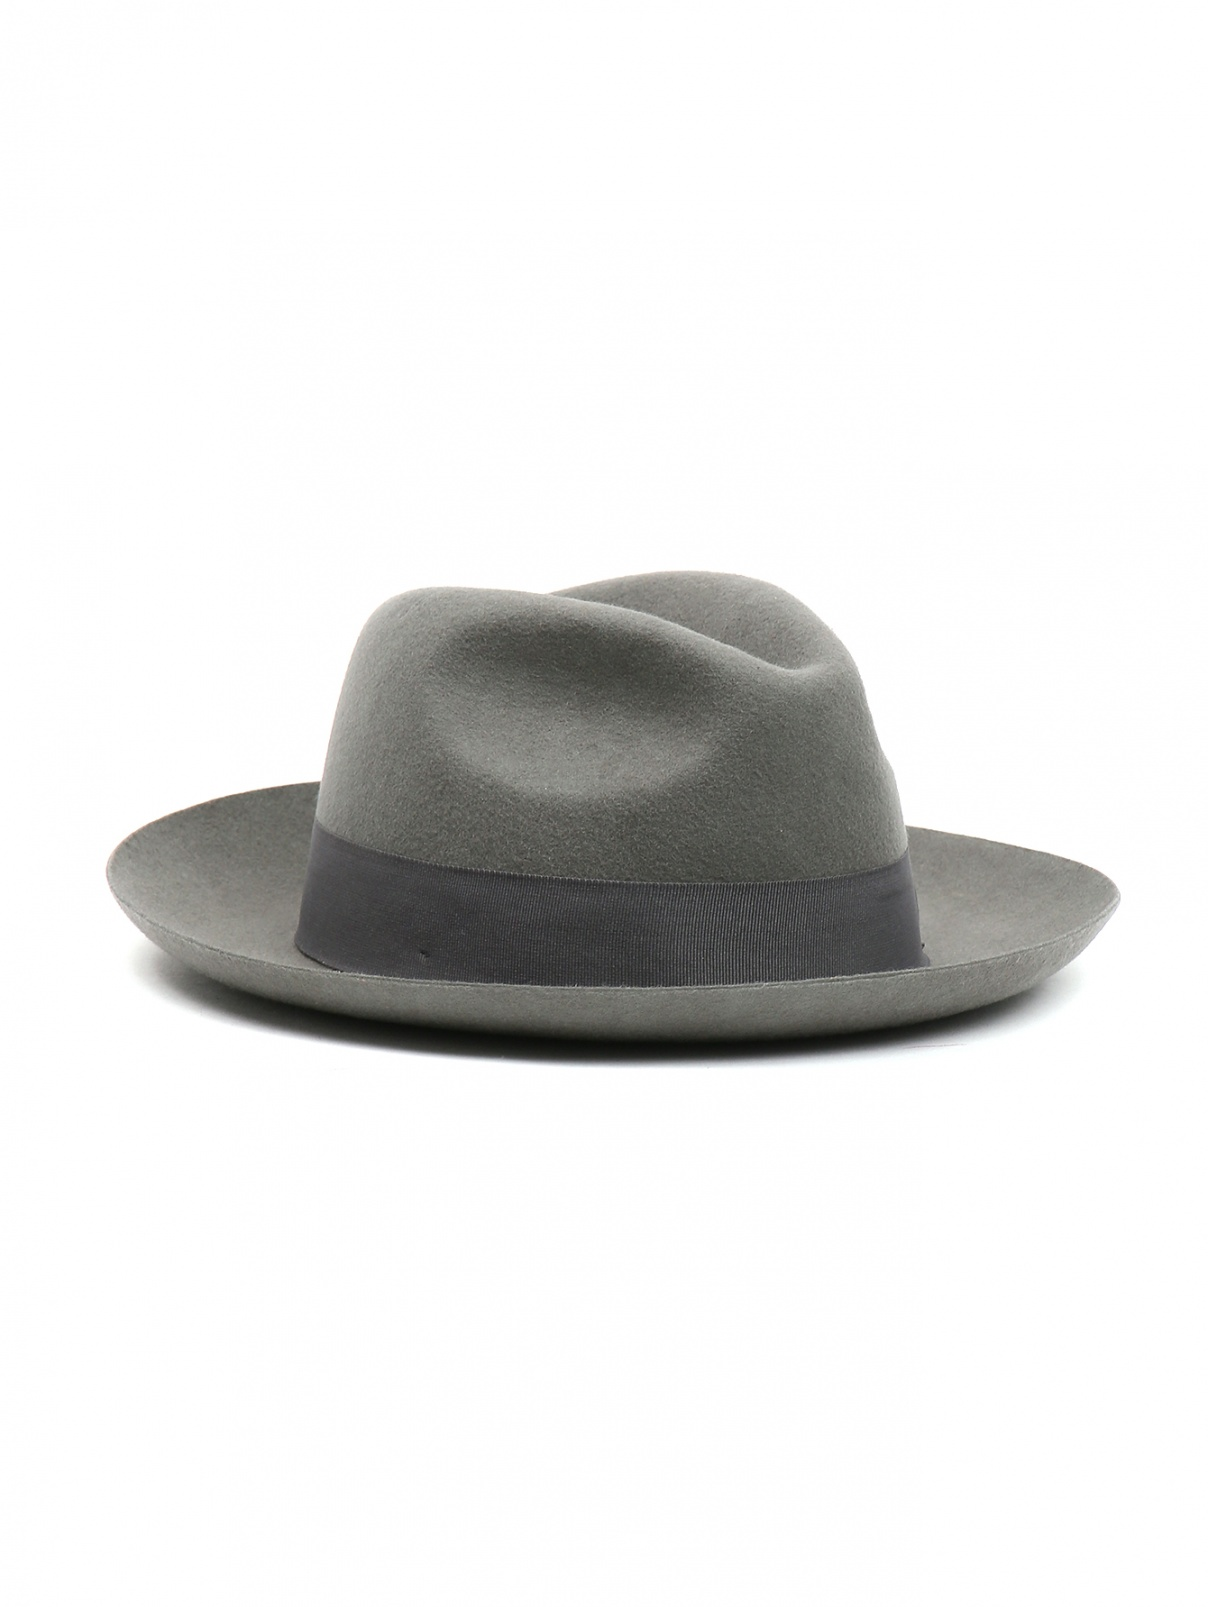 Шляпа из шерсти Paul Smith  –  Общий вид  – Цвет:  Серый